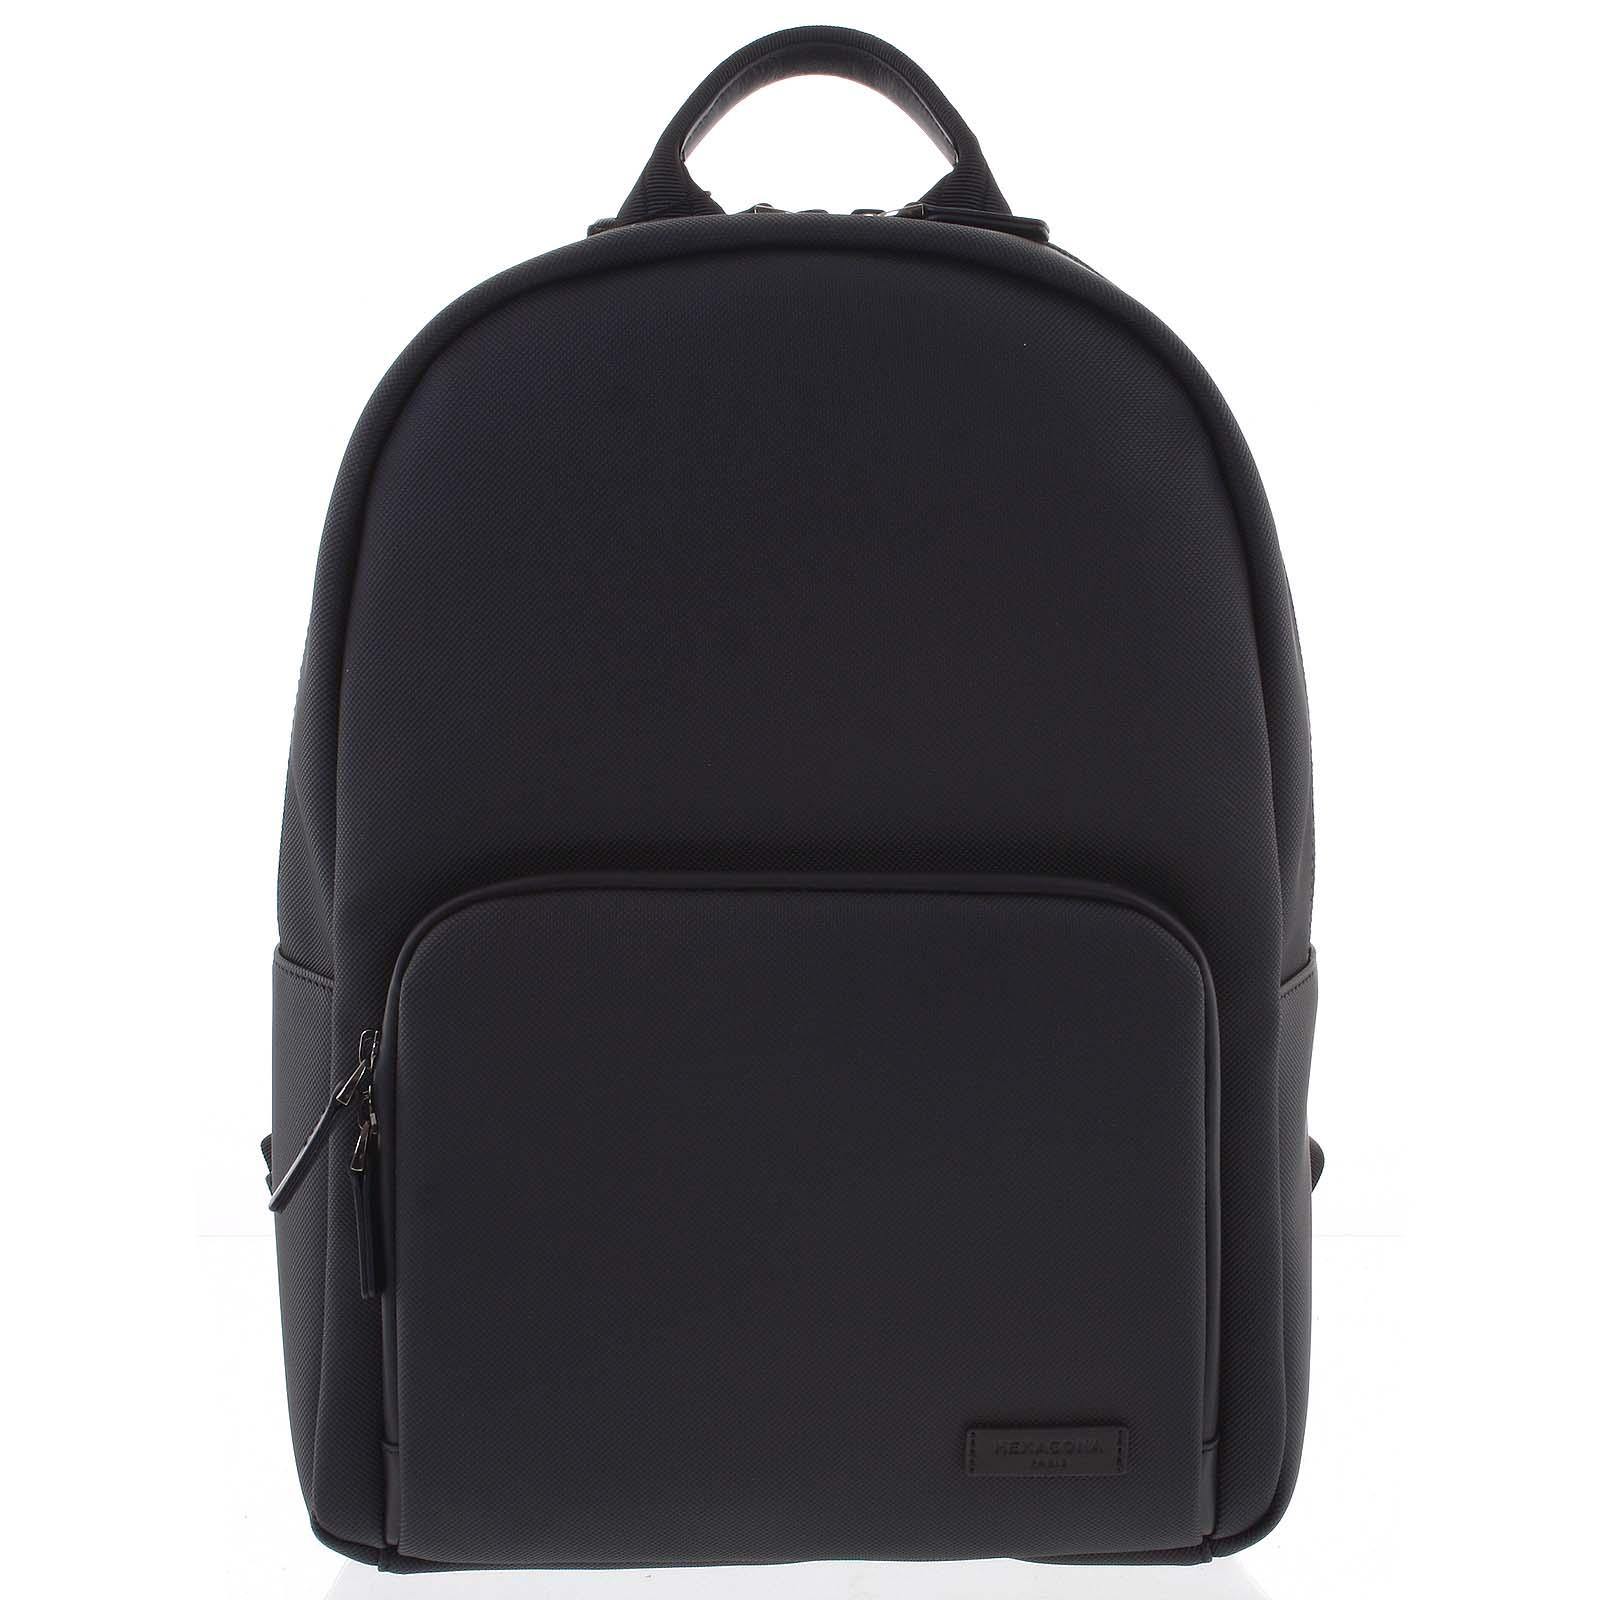 Batoh na notebook čierny - Hexagona Baqer čierna